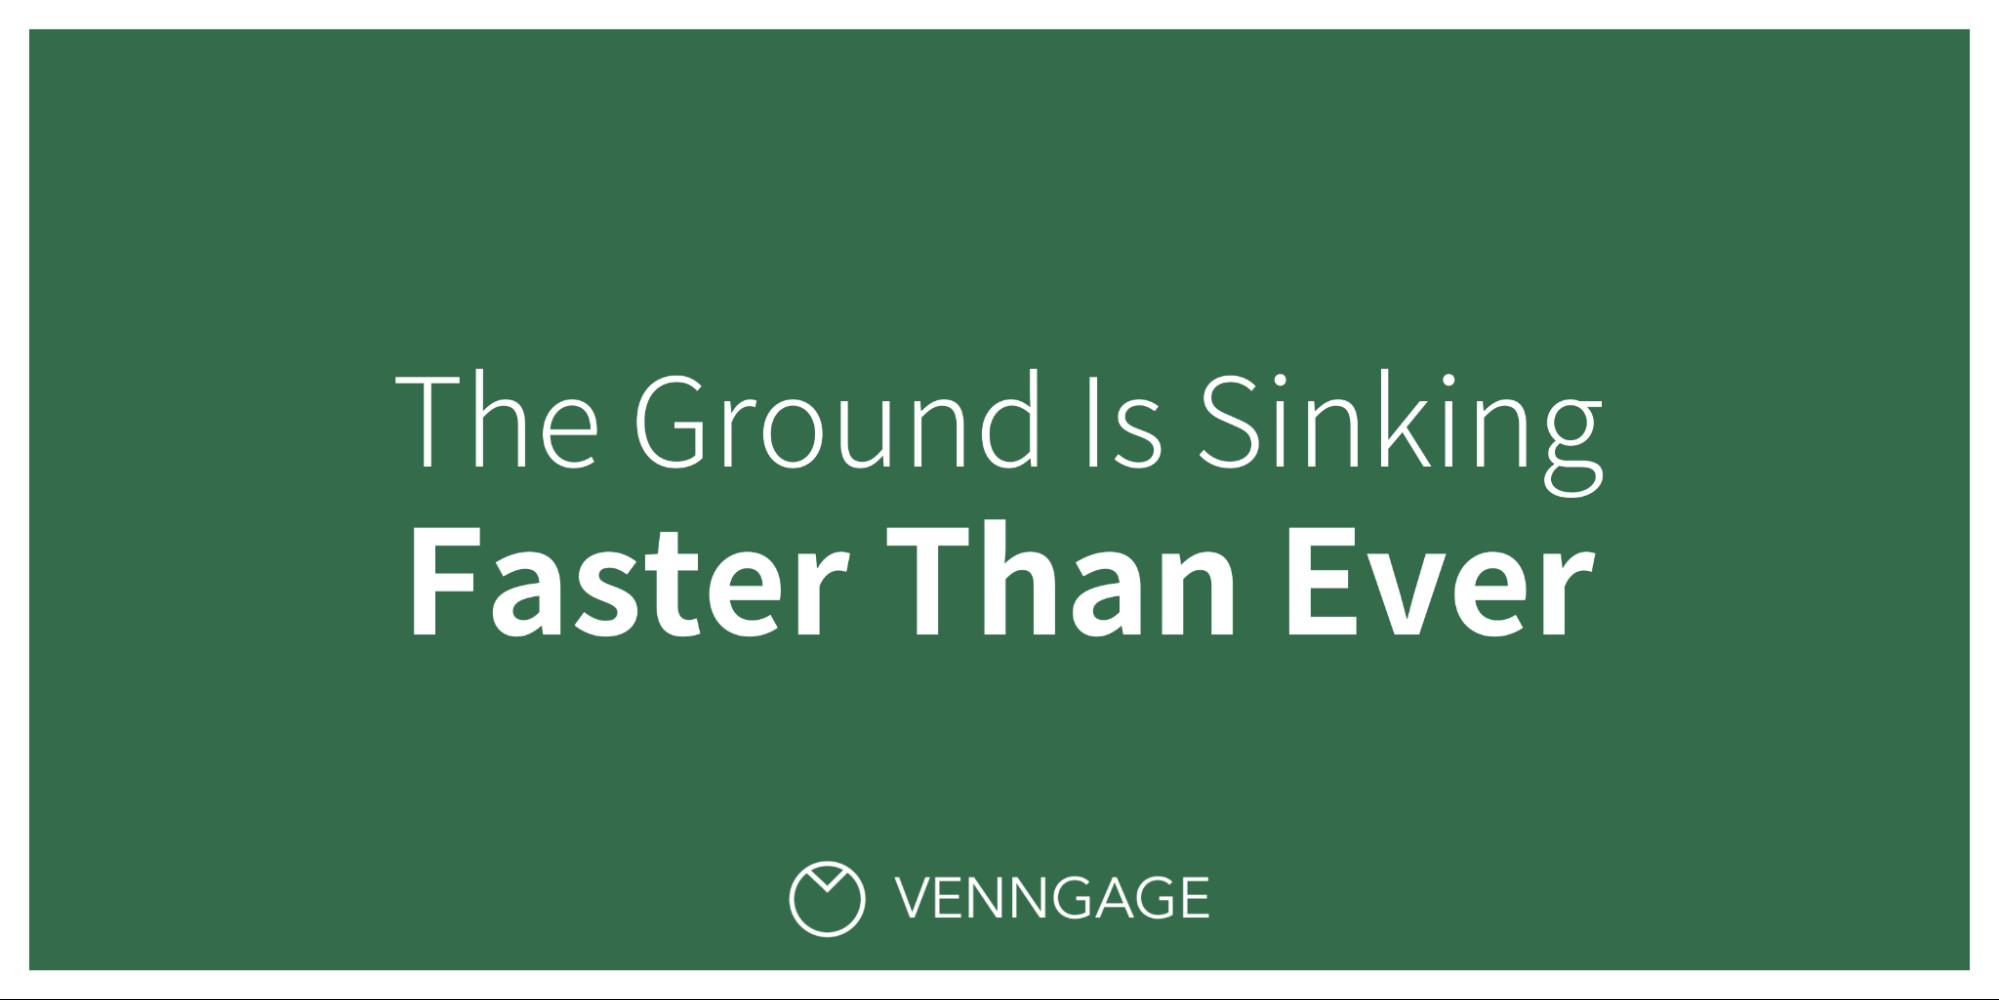 Ground Sinking Data Story